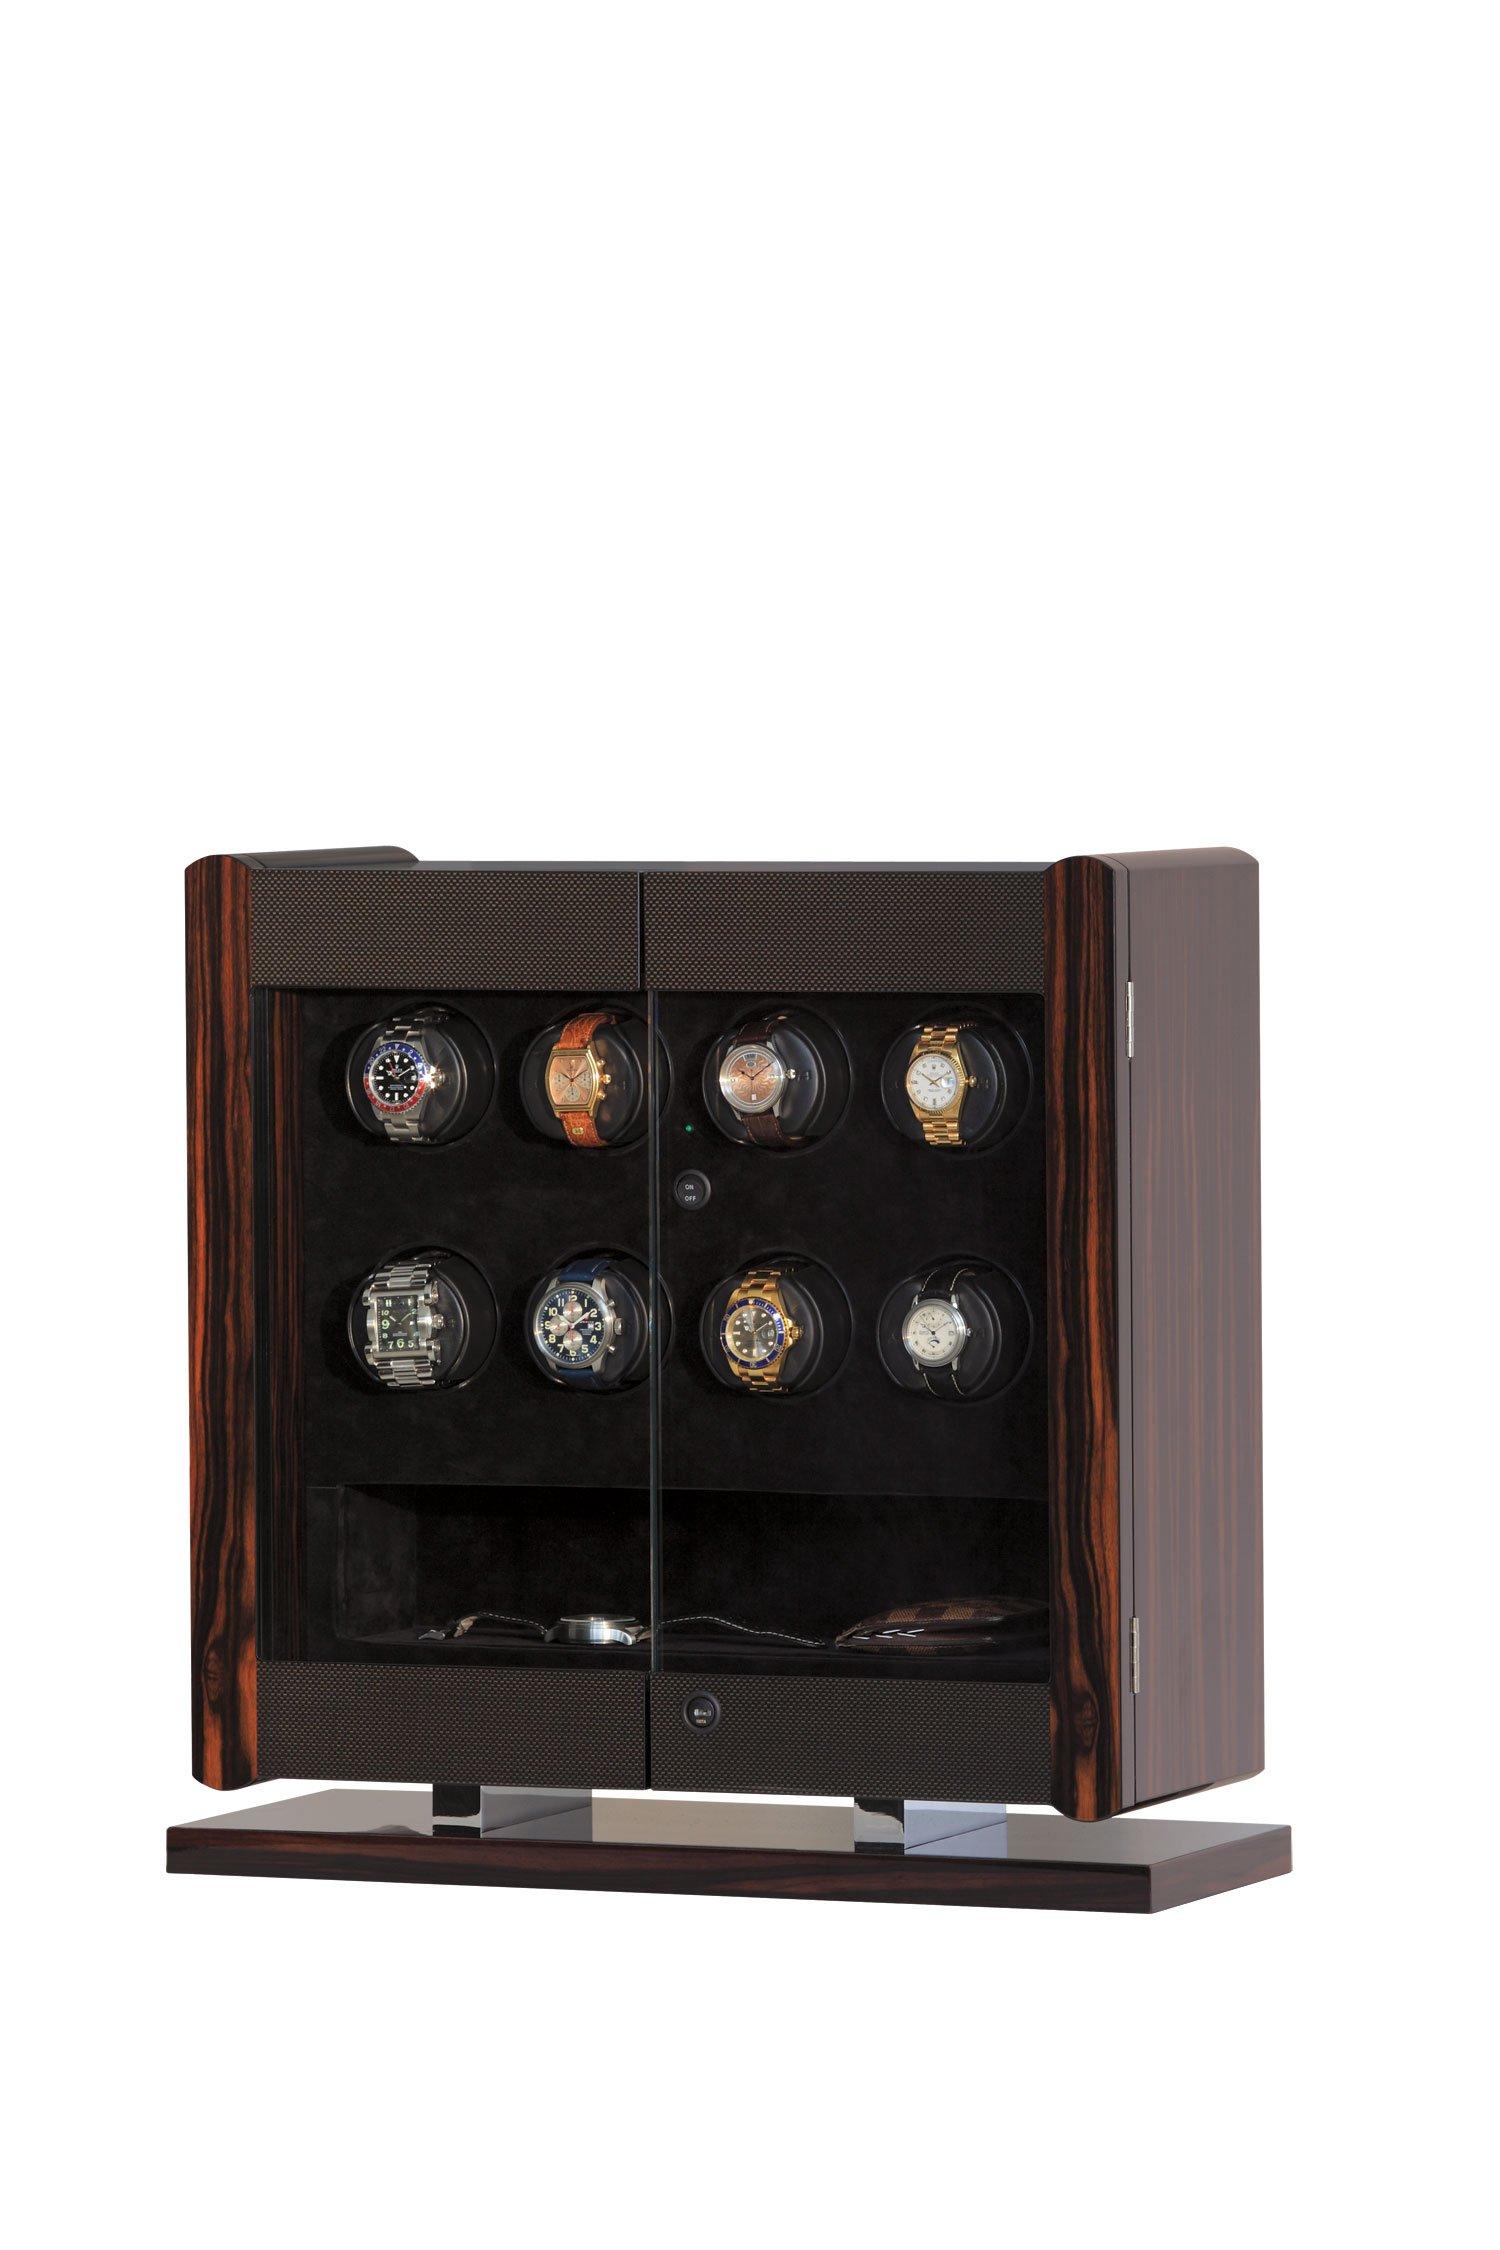 Avanti 8 - Pedestal Model (8-Watch Winder, Macassar/Carbon Fiber)